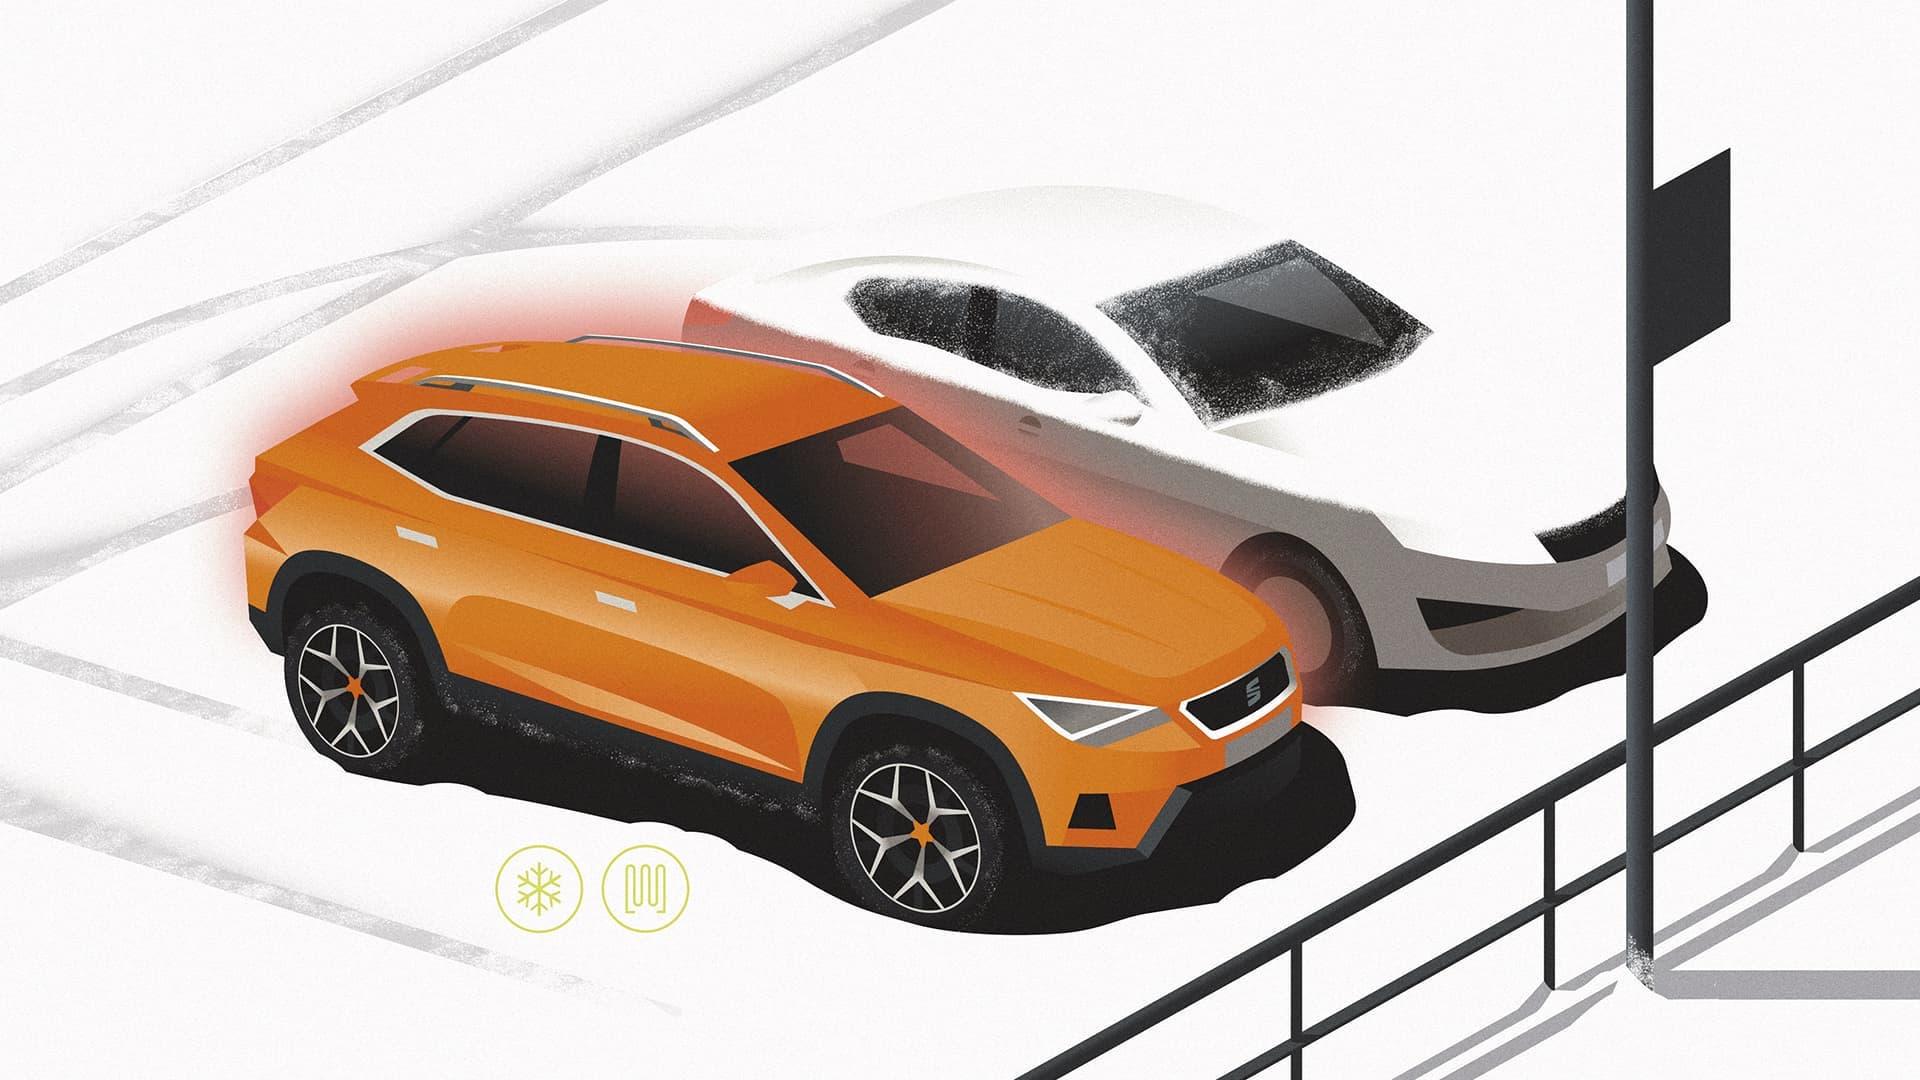 Seat Suv Coupe Filtracion 2